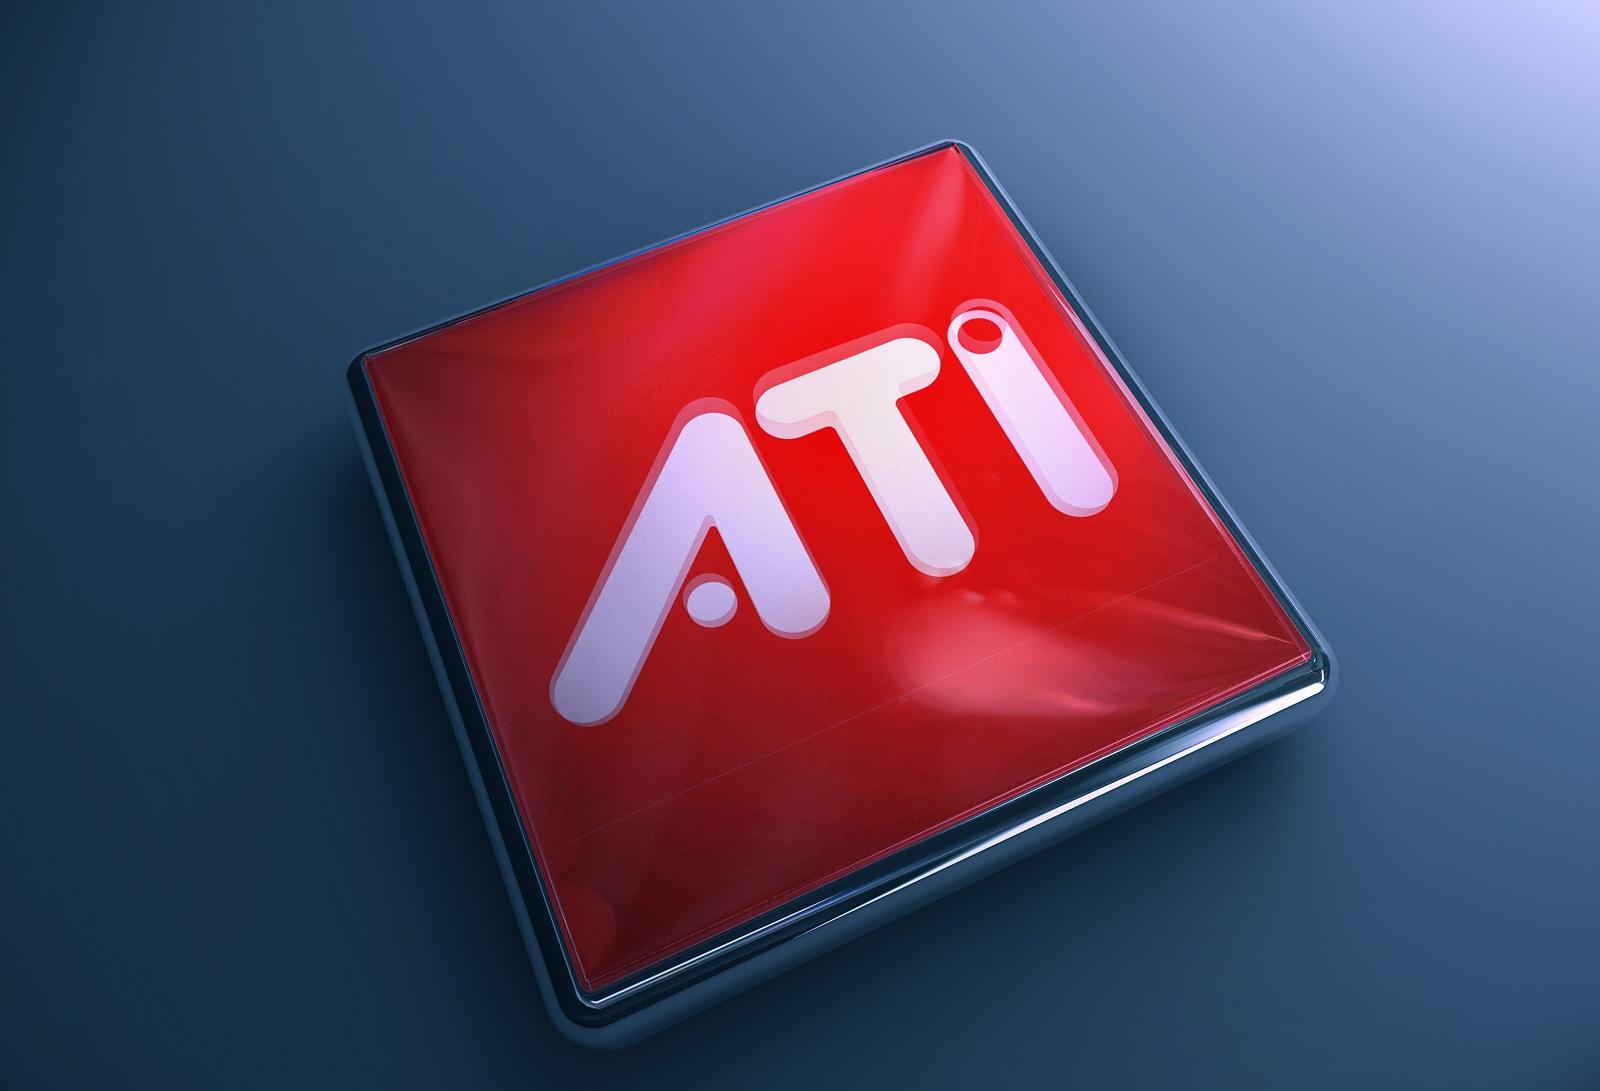 http://4.bp.blogspot.com/_2UbsSBz9ckE/SvXiuaOrWgI/AAAAAAAAAVk/jPOOvUodEIY/s1600/ati_logo_hd_wallpaper.jpg